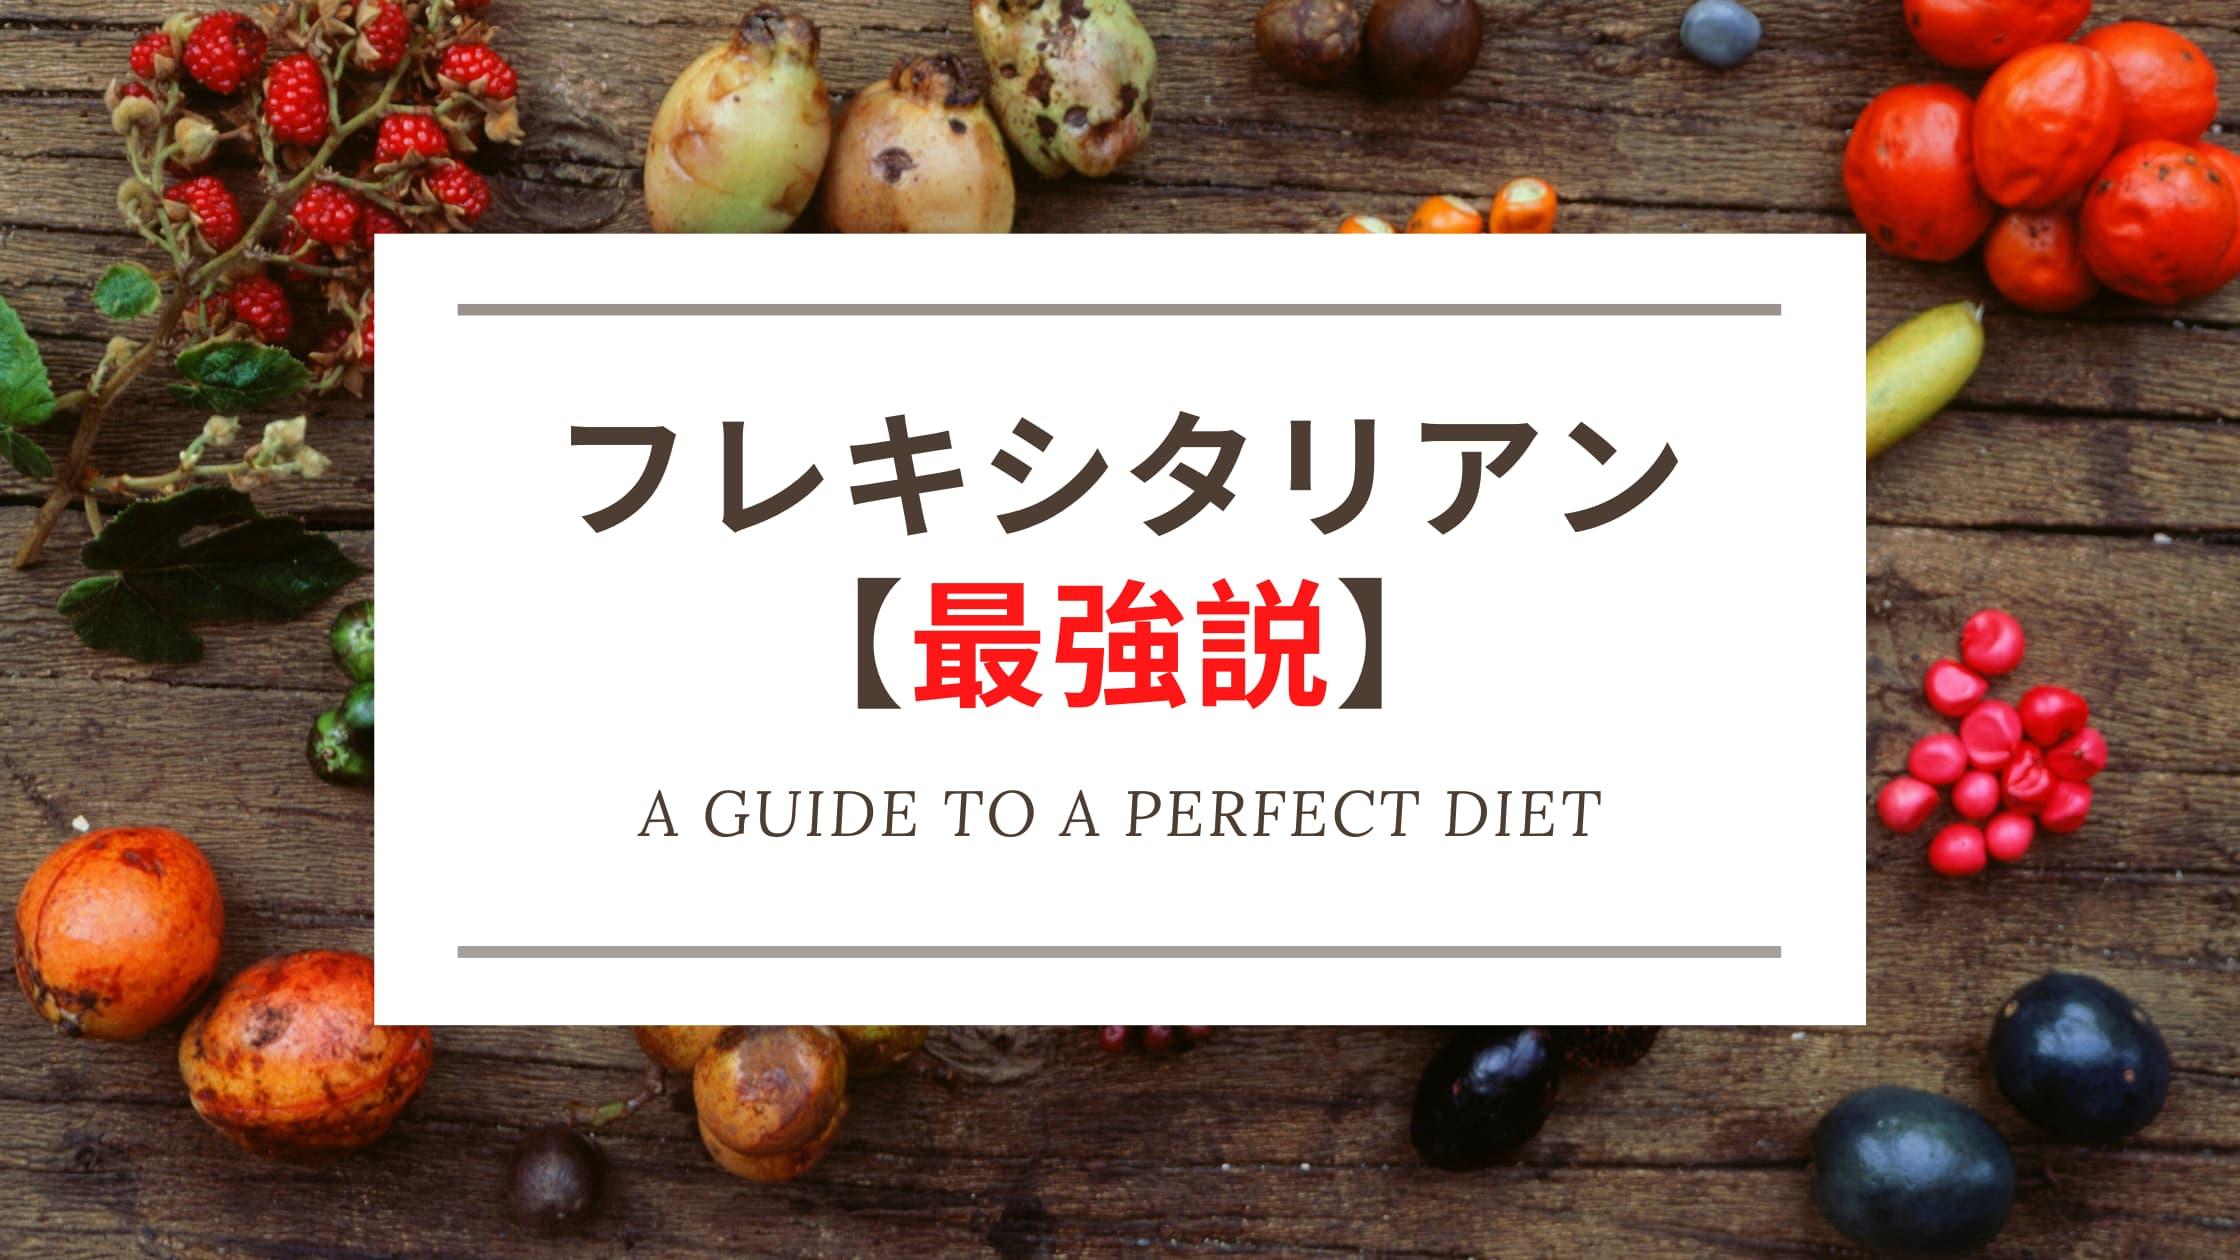 【これ一択】最強の食事法『フレキシタリアン』のすすめ【体験談あり】